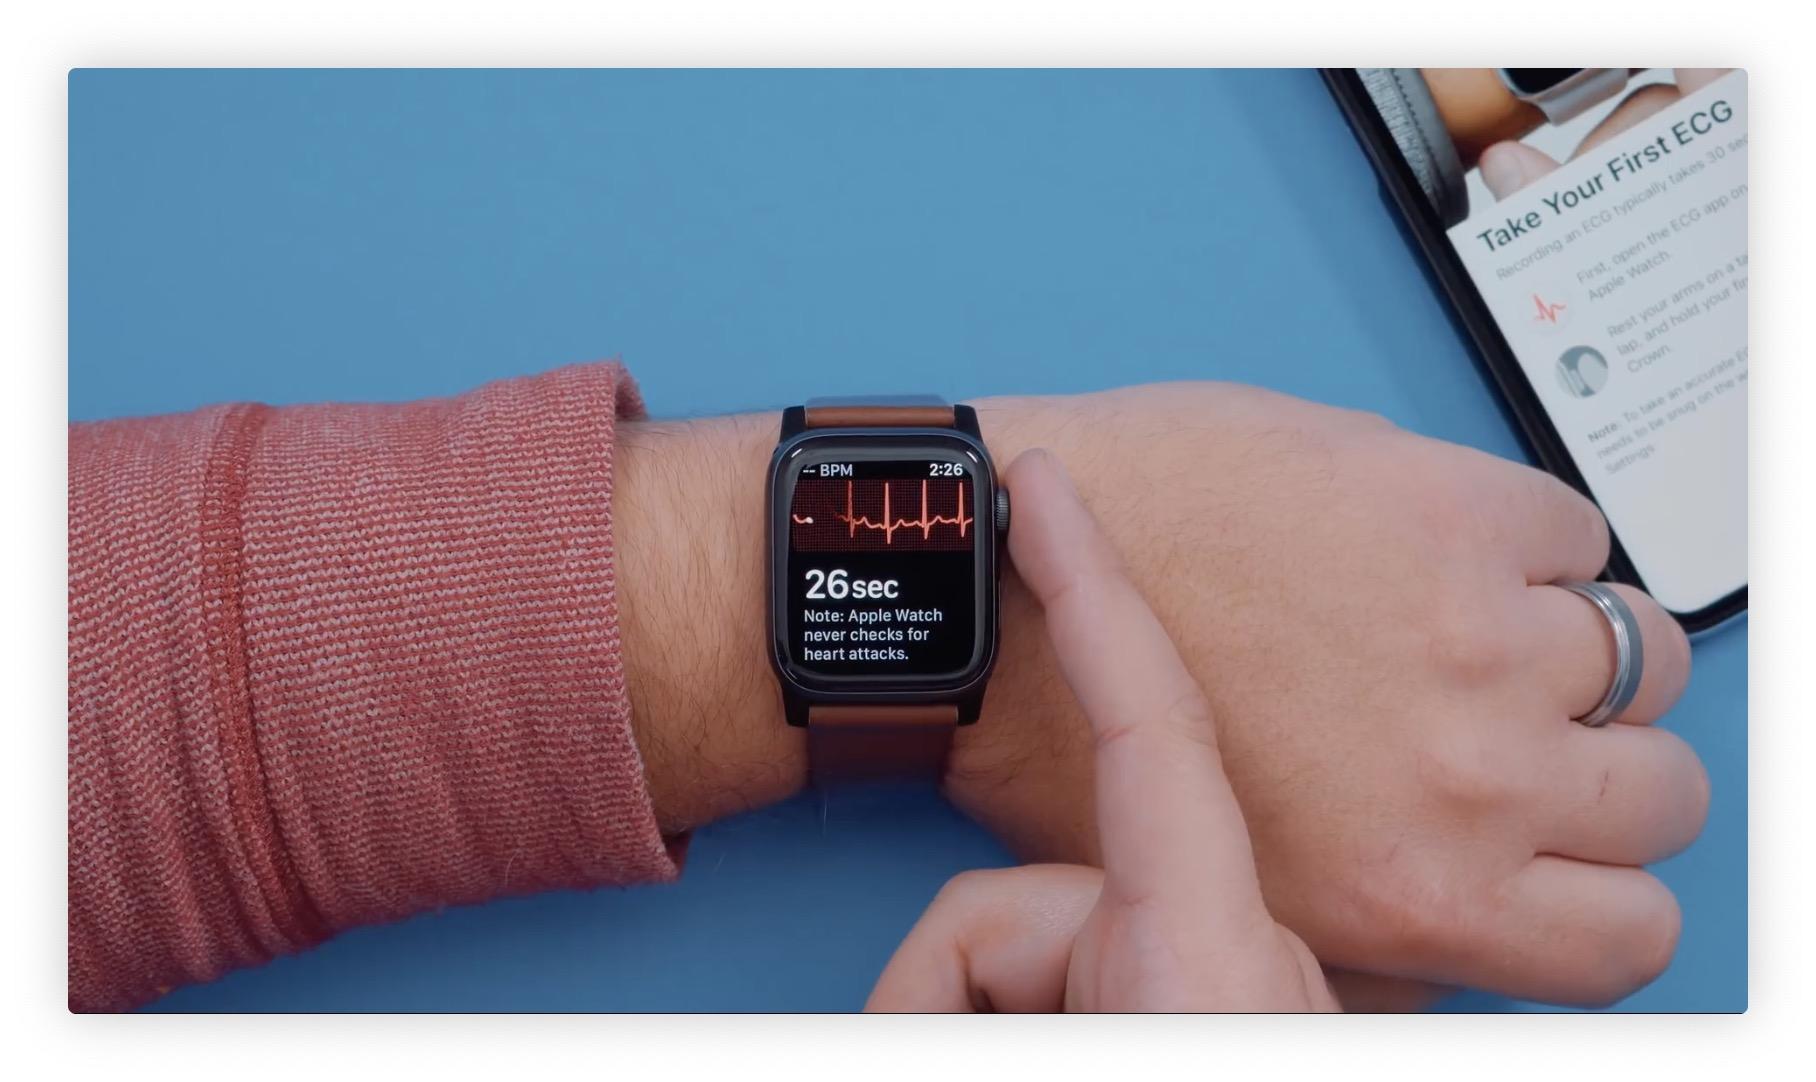 Vidéo : fonctionnement de la mesure d'électrocardiogramme avec l'Apple Watch Séries 4 1